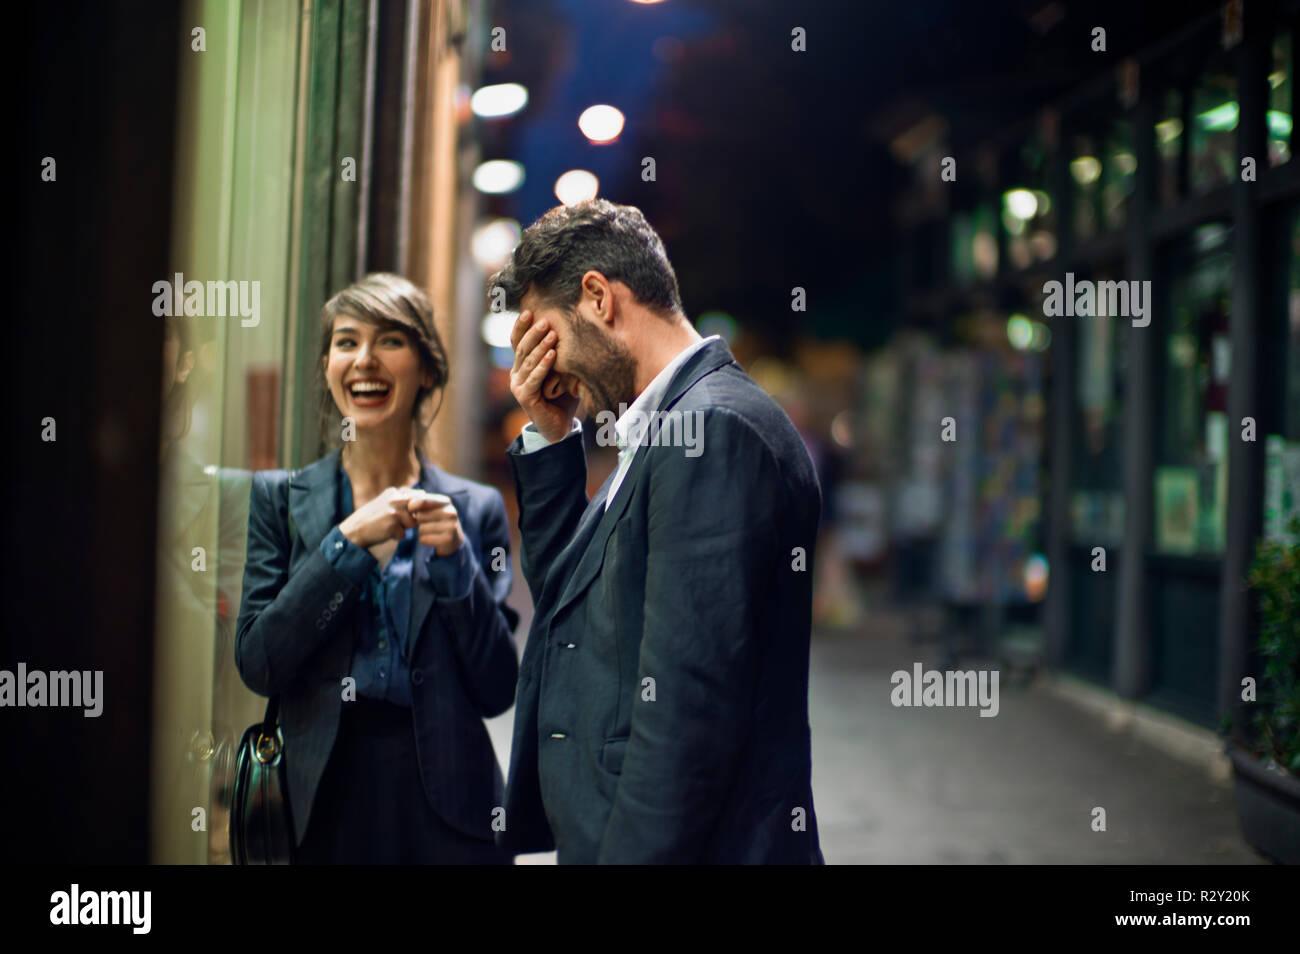 Joven se siente avergonzado por algo que acaba de decir mientras una fecha después del trabajo con un colega. Foto de stock